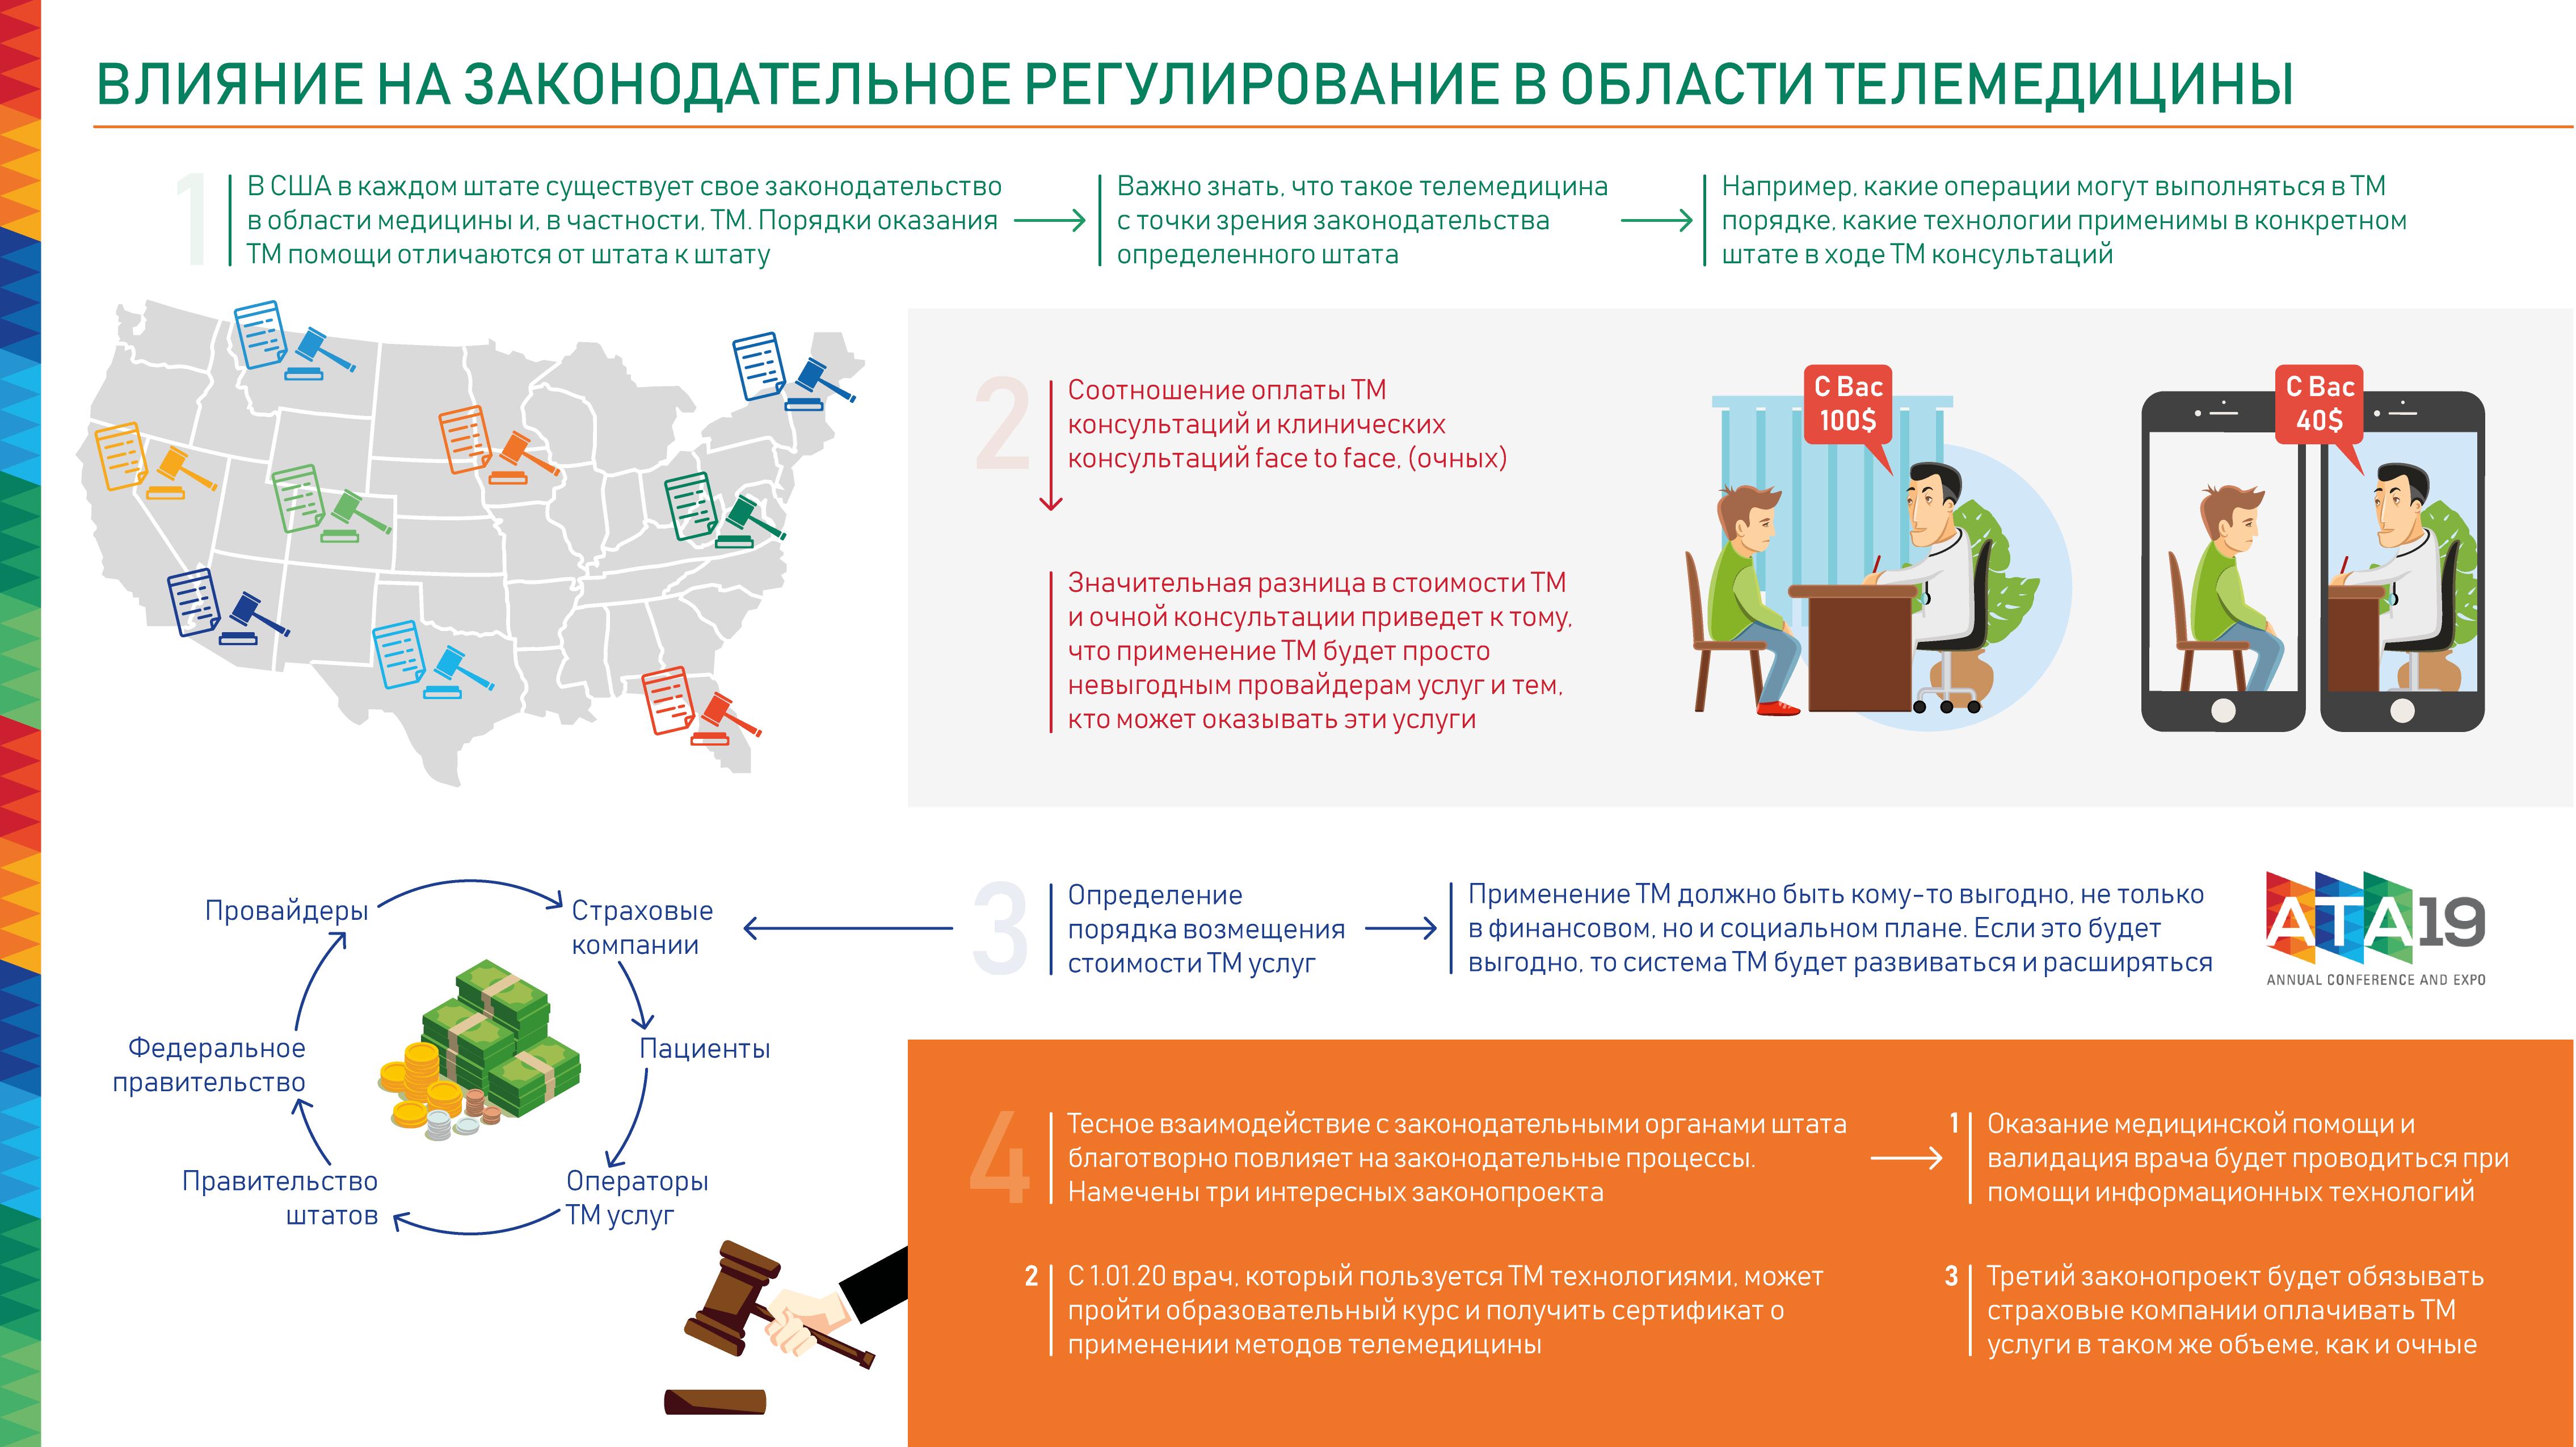 Влияние на законодательное регулирование в области телемедицины